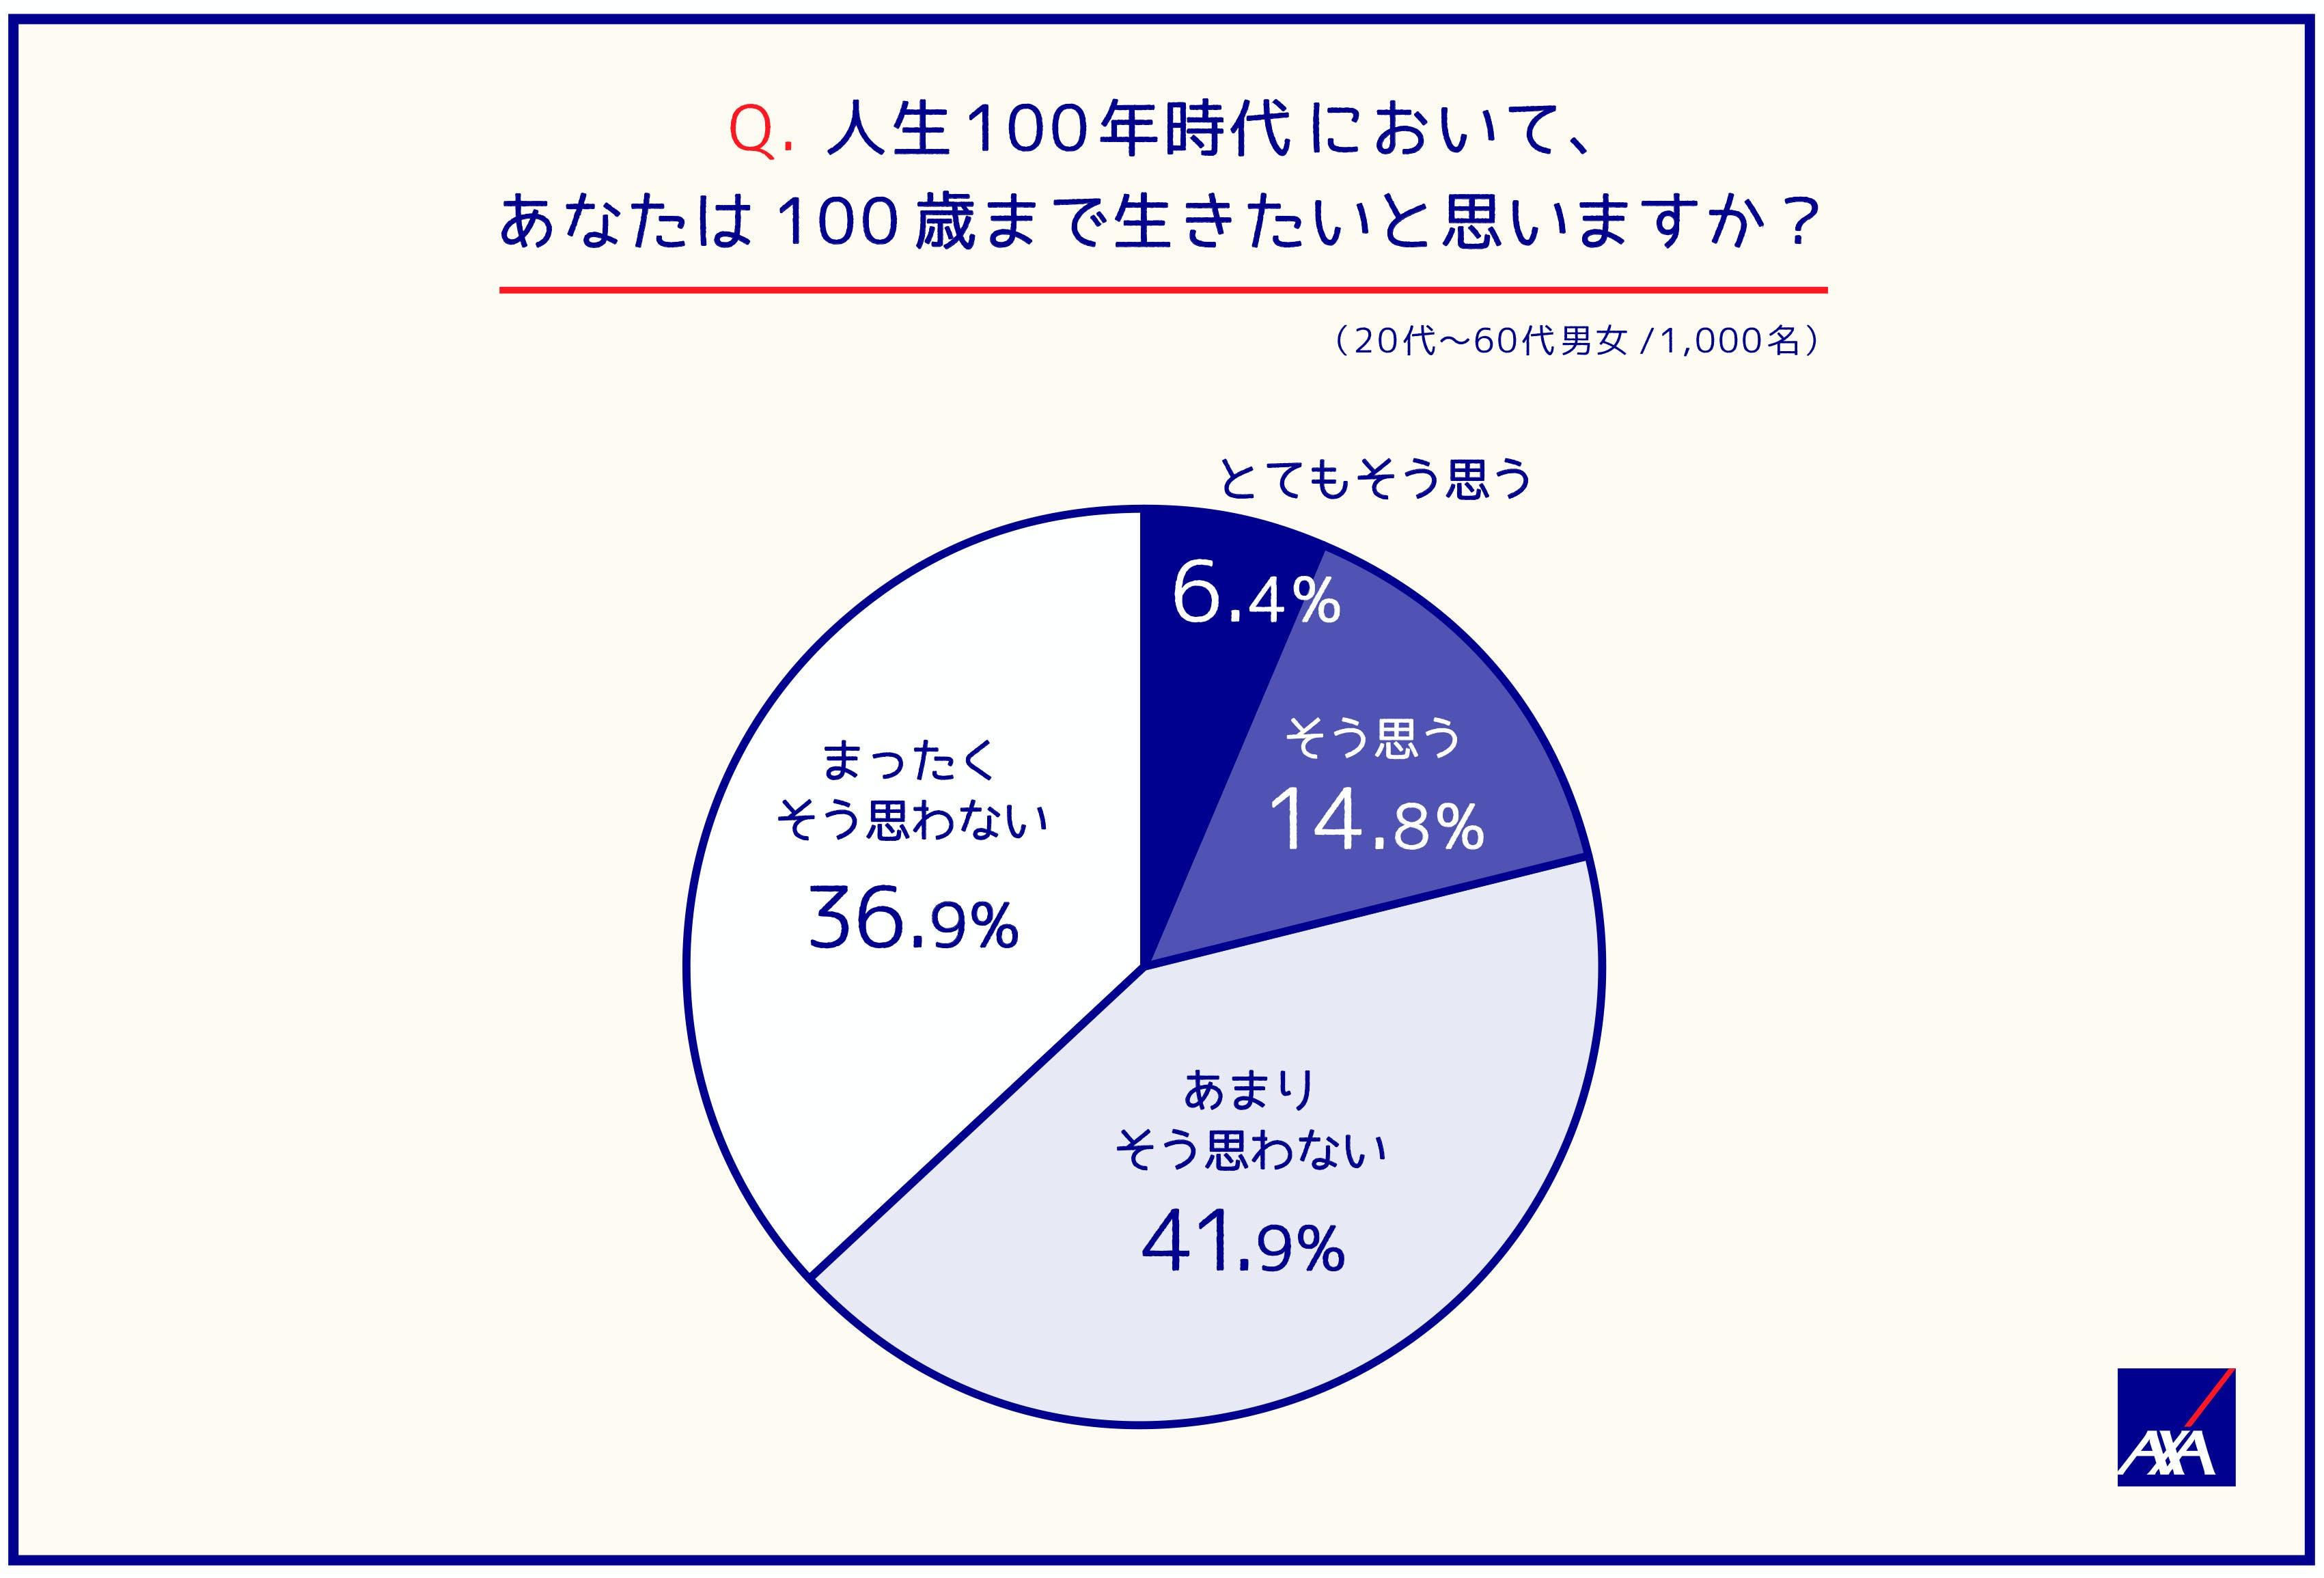 Q.人生100年時代において、あなたは100歳まで生きたいと思いますか?(20代~60第男女/1,000名) とてもそう思う;6.4% そう思う;14.8% あまりそう思わない;41.9% 全くそう思わない;36.9%